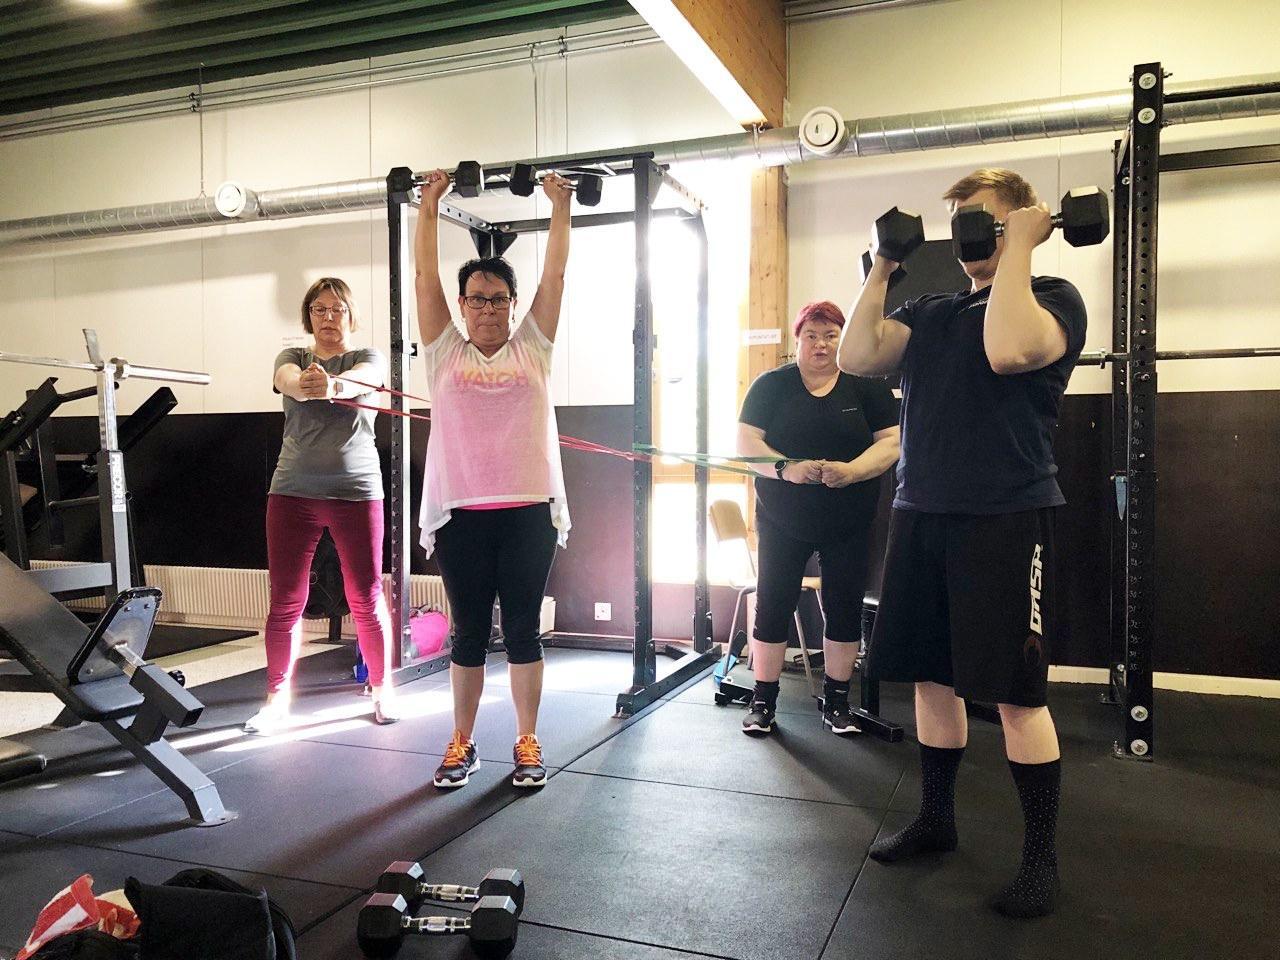 Kuvassa on kolme naista ja yksi mies, jotka harjoittelevat kuntosalilla.